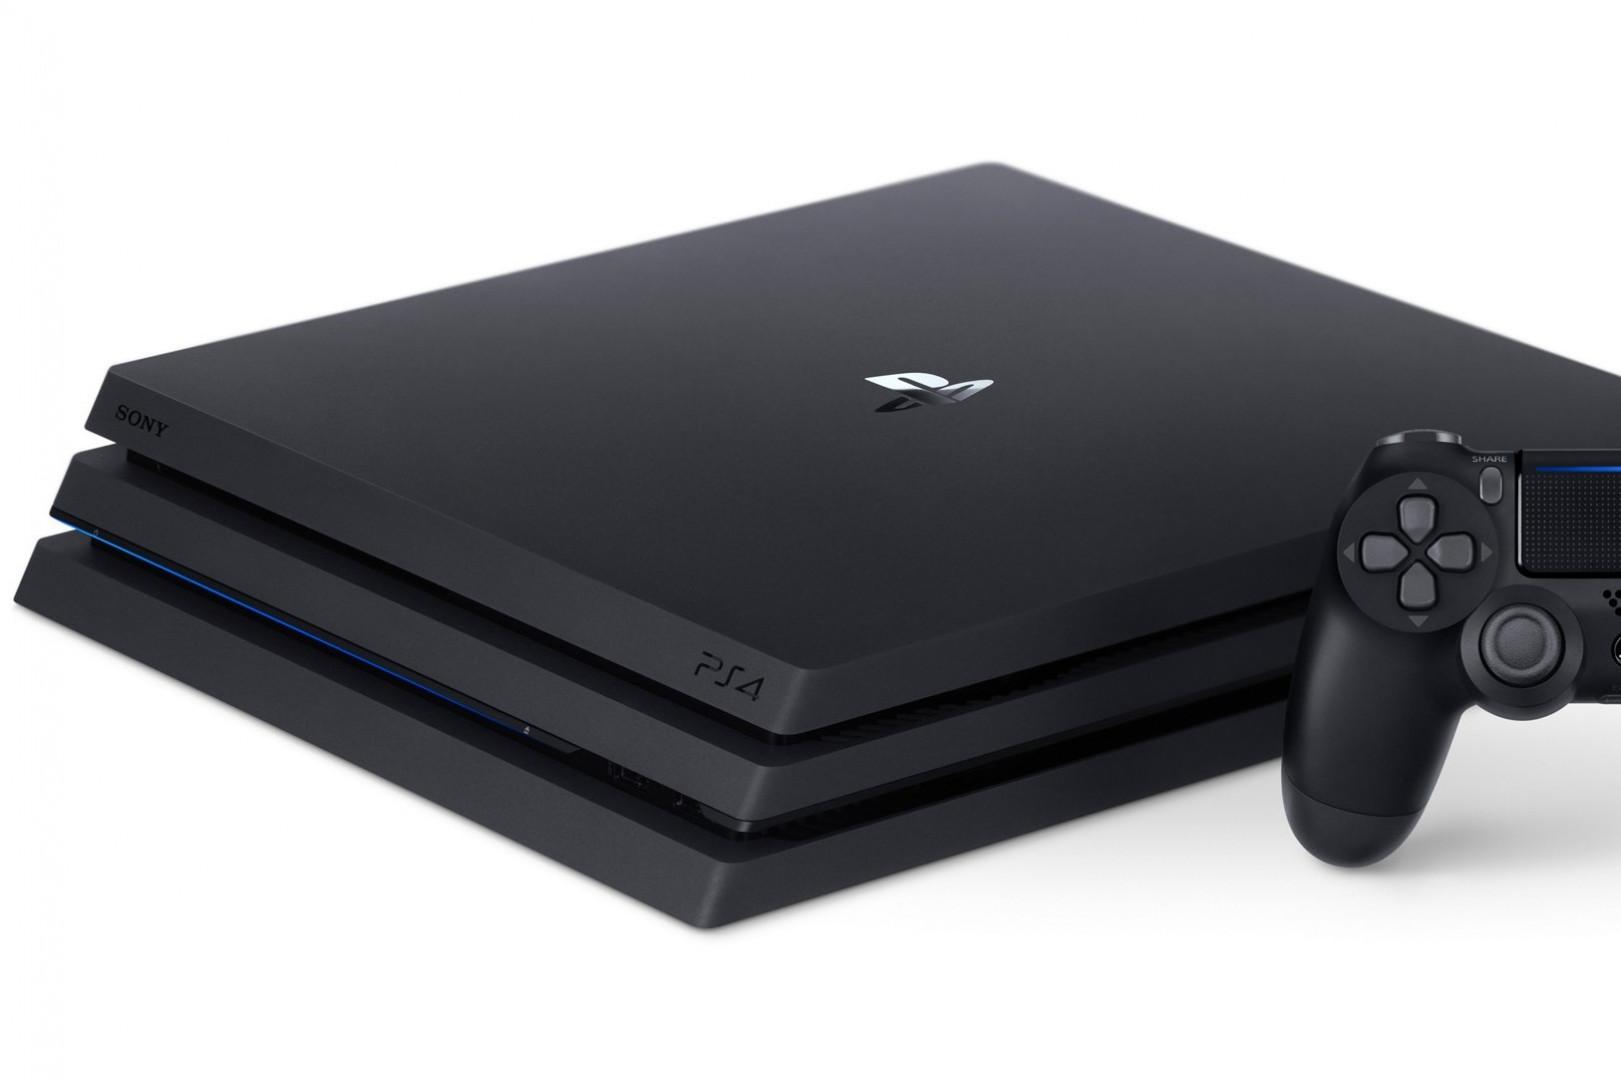 La Playstation 4 de Sony